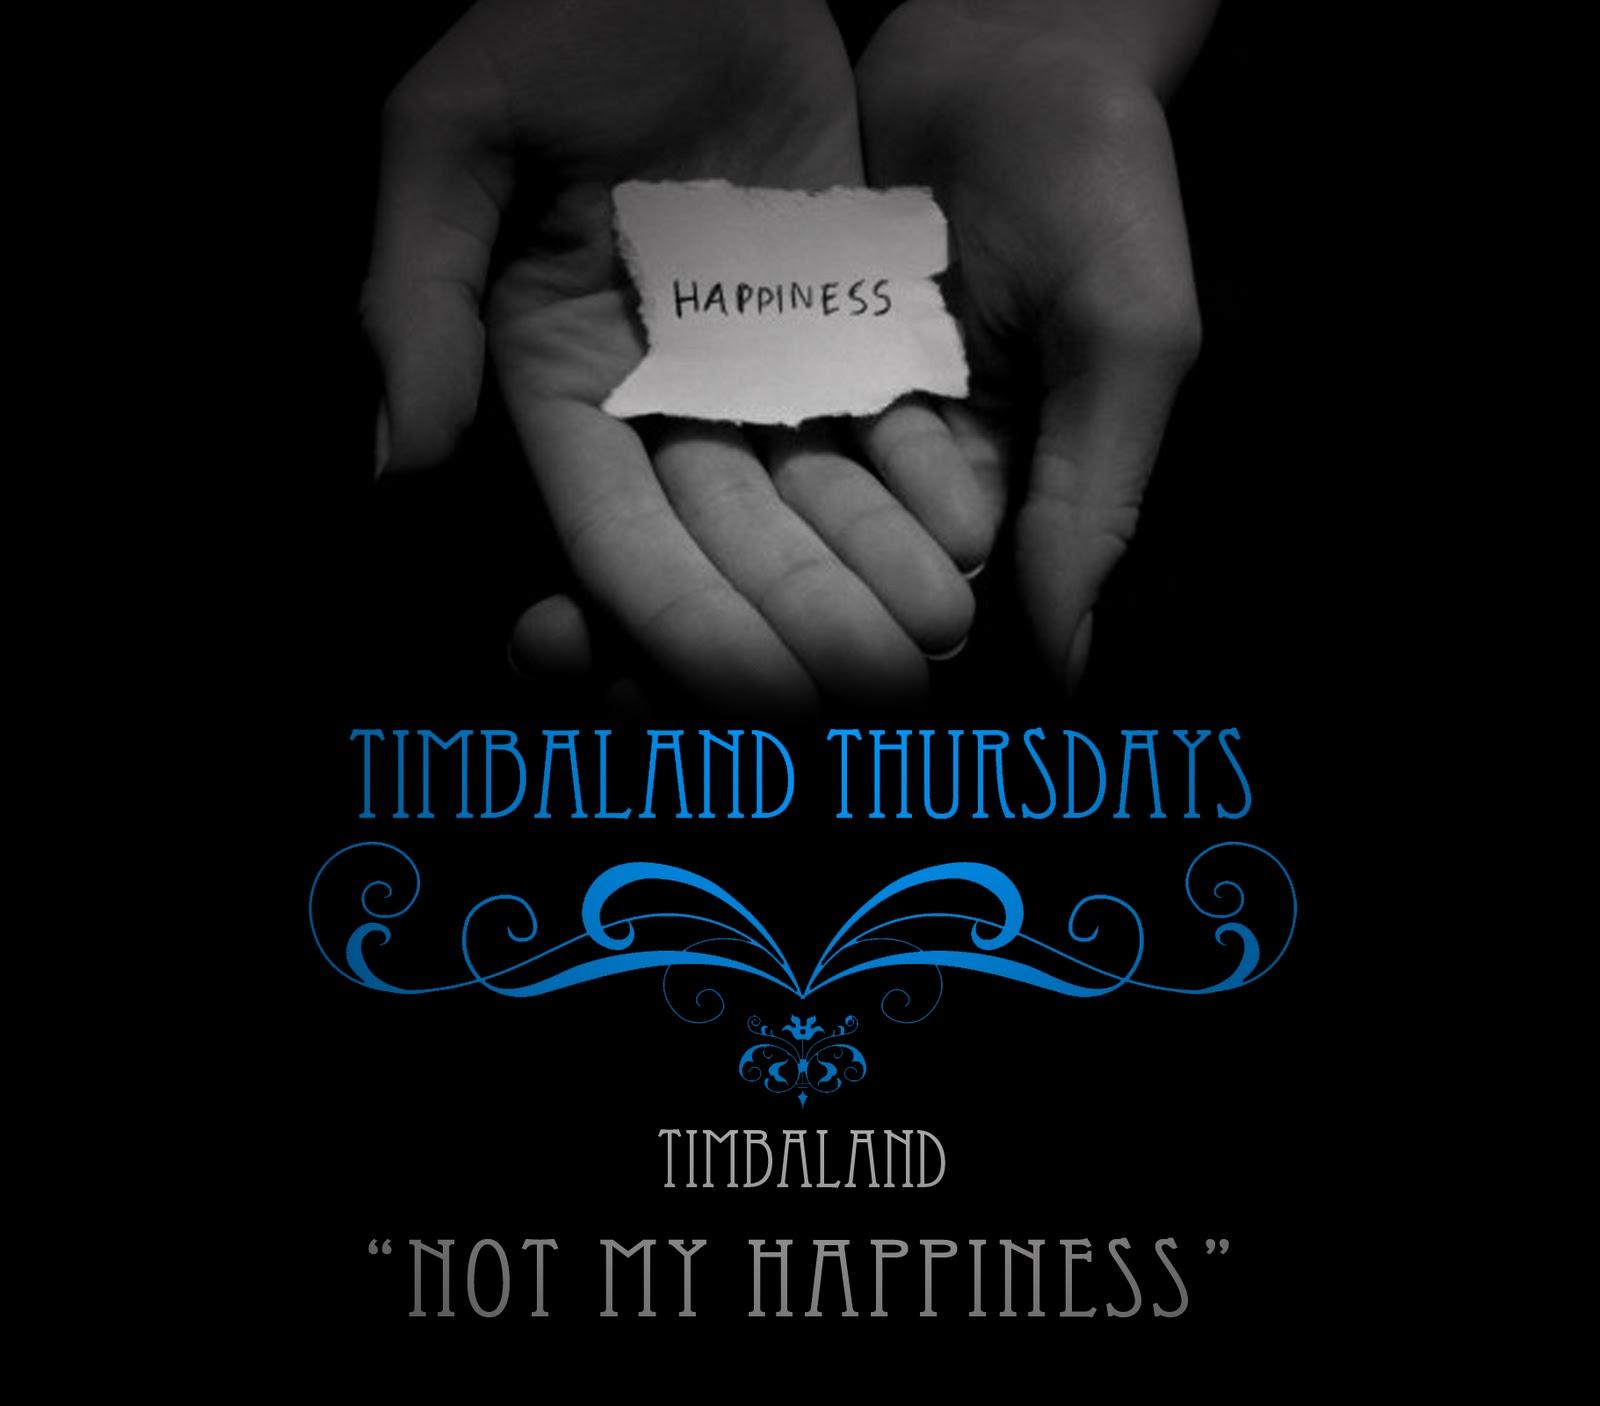 http://2.bp.blogspot.com/-zquV076E9Rw/TZZOonlJzcI/AAAAAAAAEKw/7N2jRMpQEbs/s1600/notmyhappiness.jpg